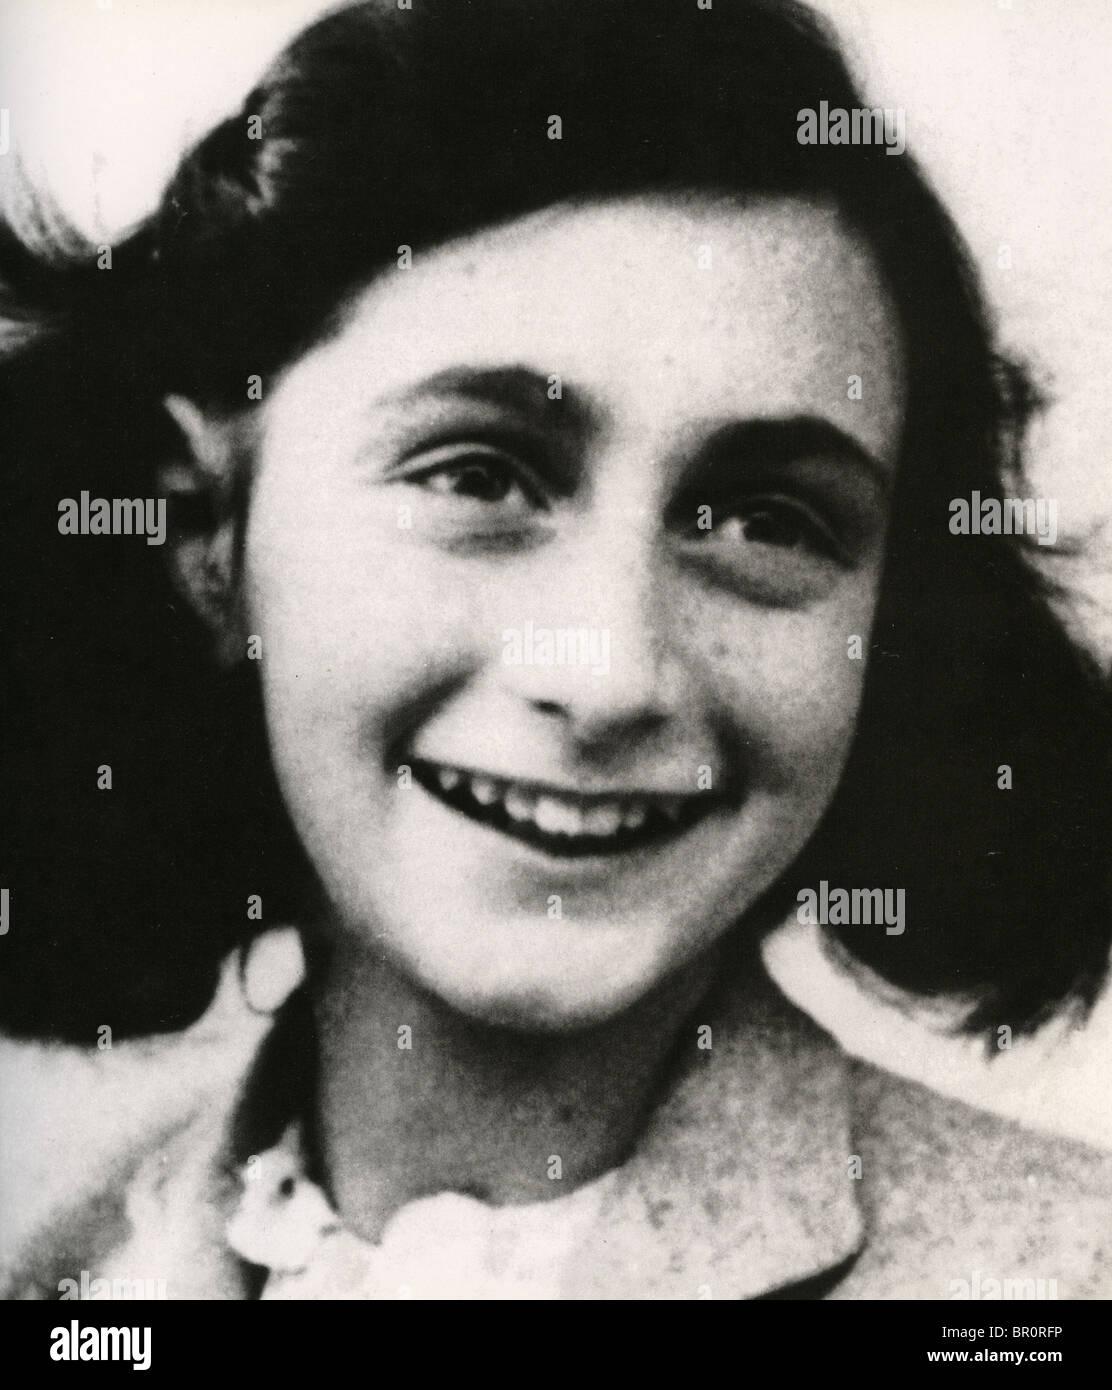 La casa di Anna Frank (1929-1945) ebreo olandese vittima di olocausto Foto Stock